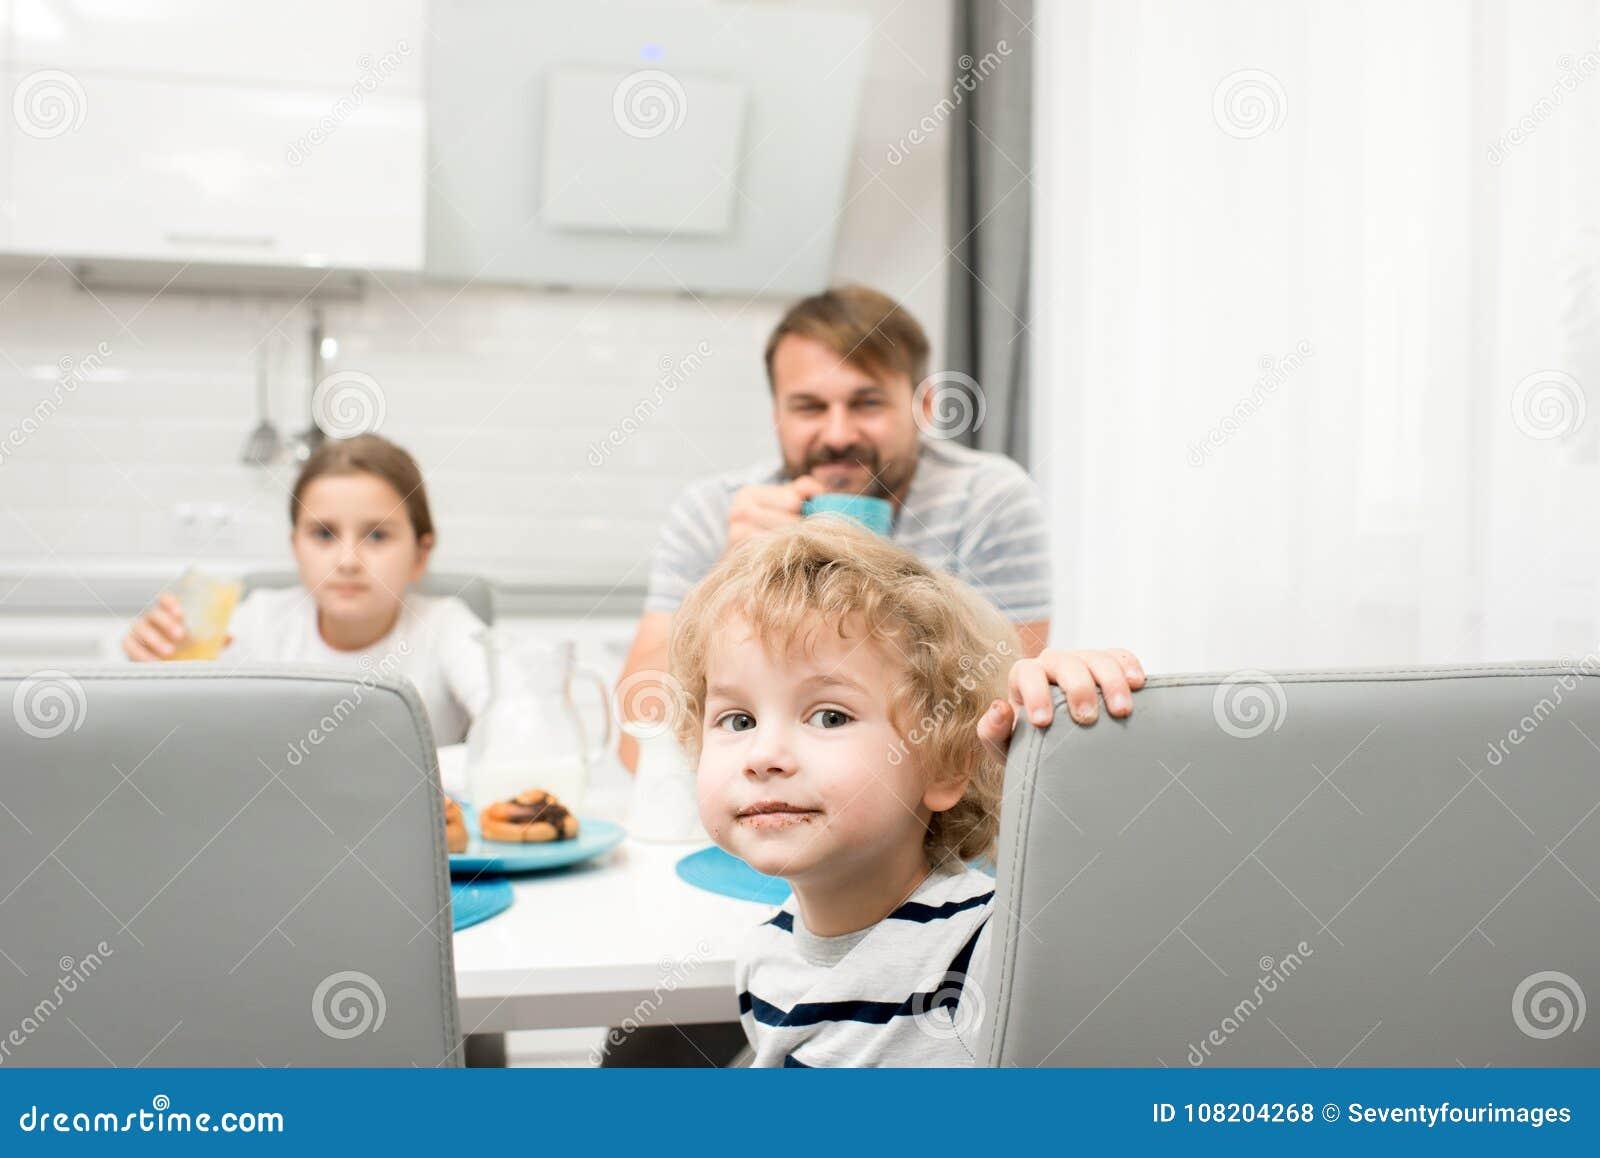 Familien-Porträt in der modernen Küche